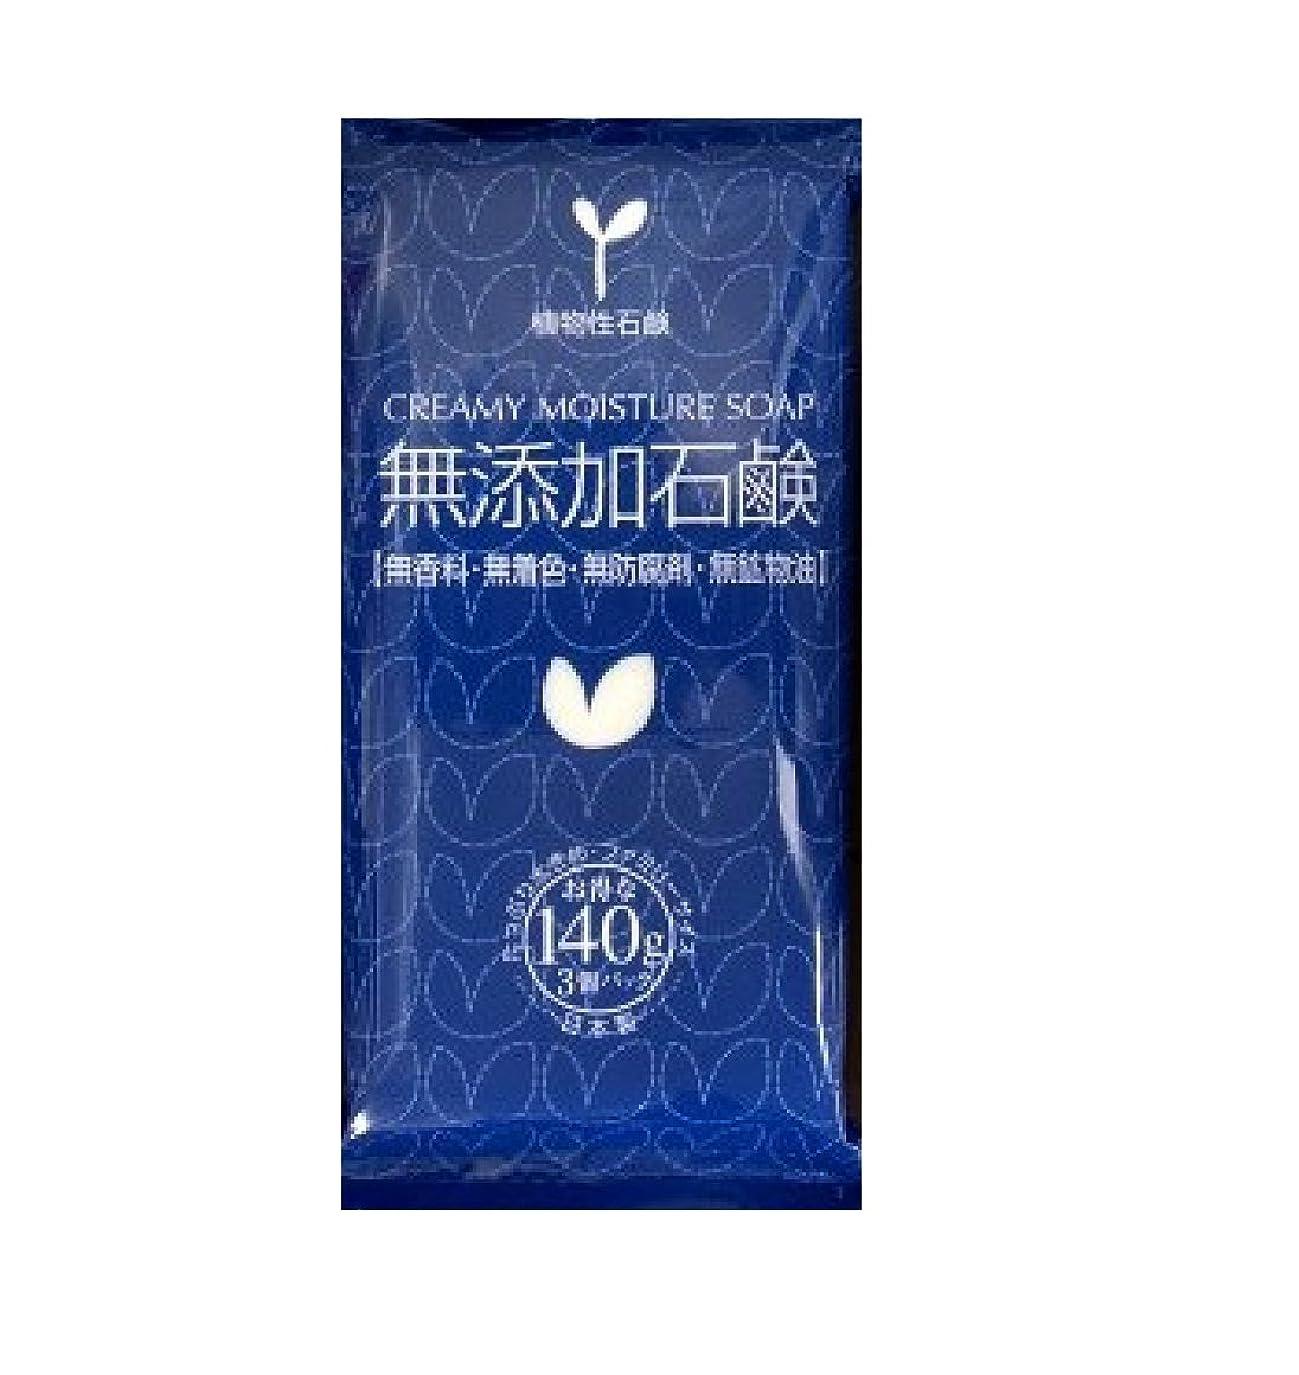 粒工業化する悪化するフィットライフ クリーミーソープ 無添加石鹸 バスサイズ 140gx3個